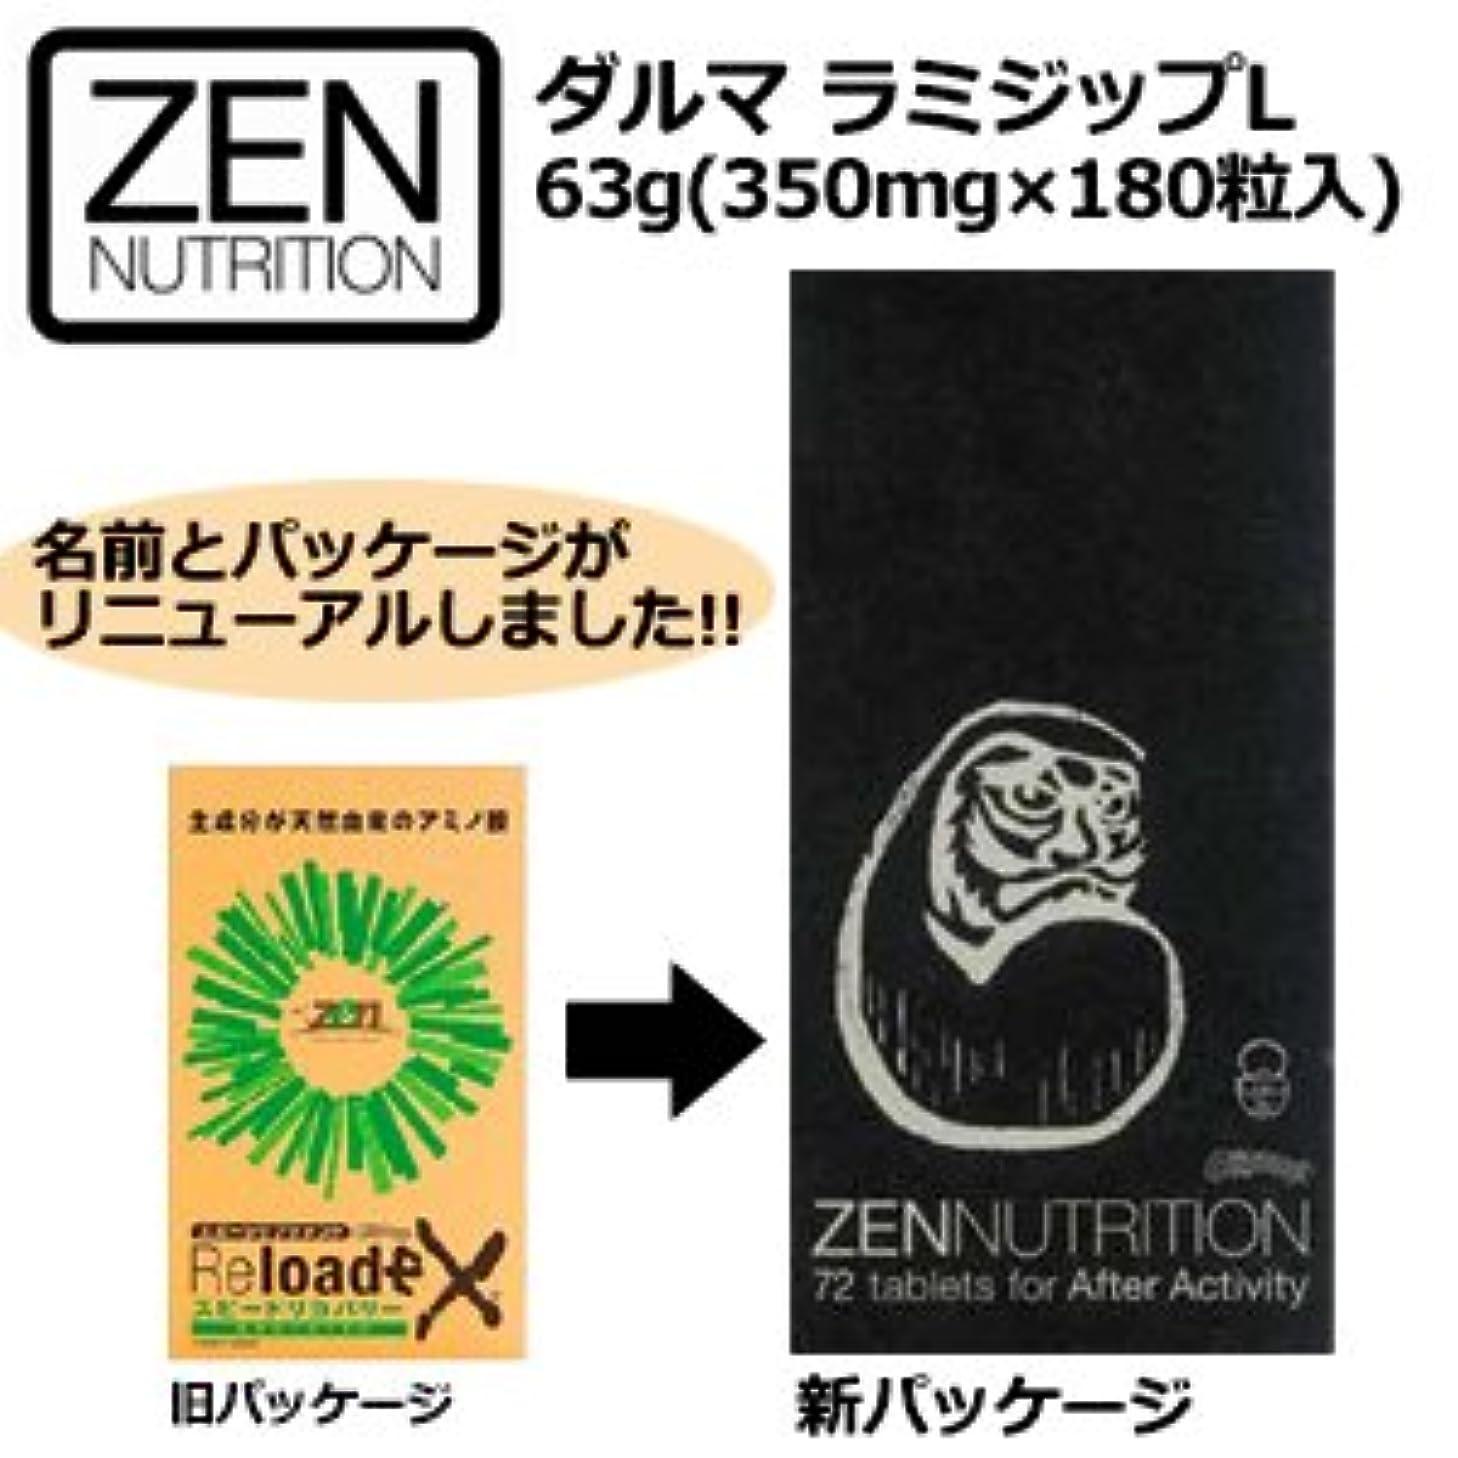 倫理的品種中央値ZEN ゼン RE LOADE リロードEX 達磨 だるま サプリメント アミノ酸●ダルマ ラミジップL 63g